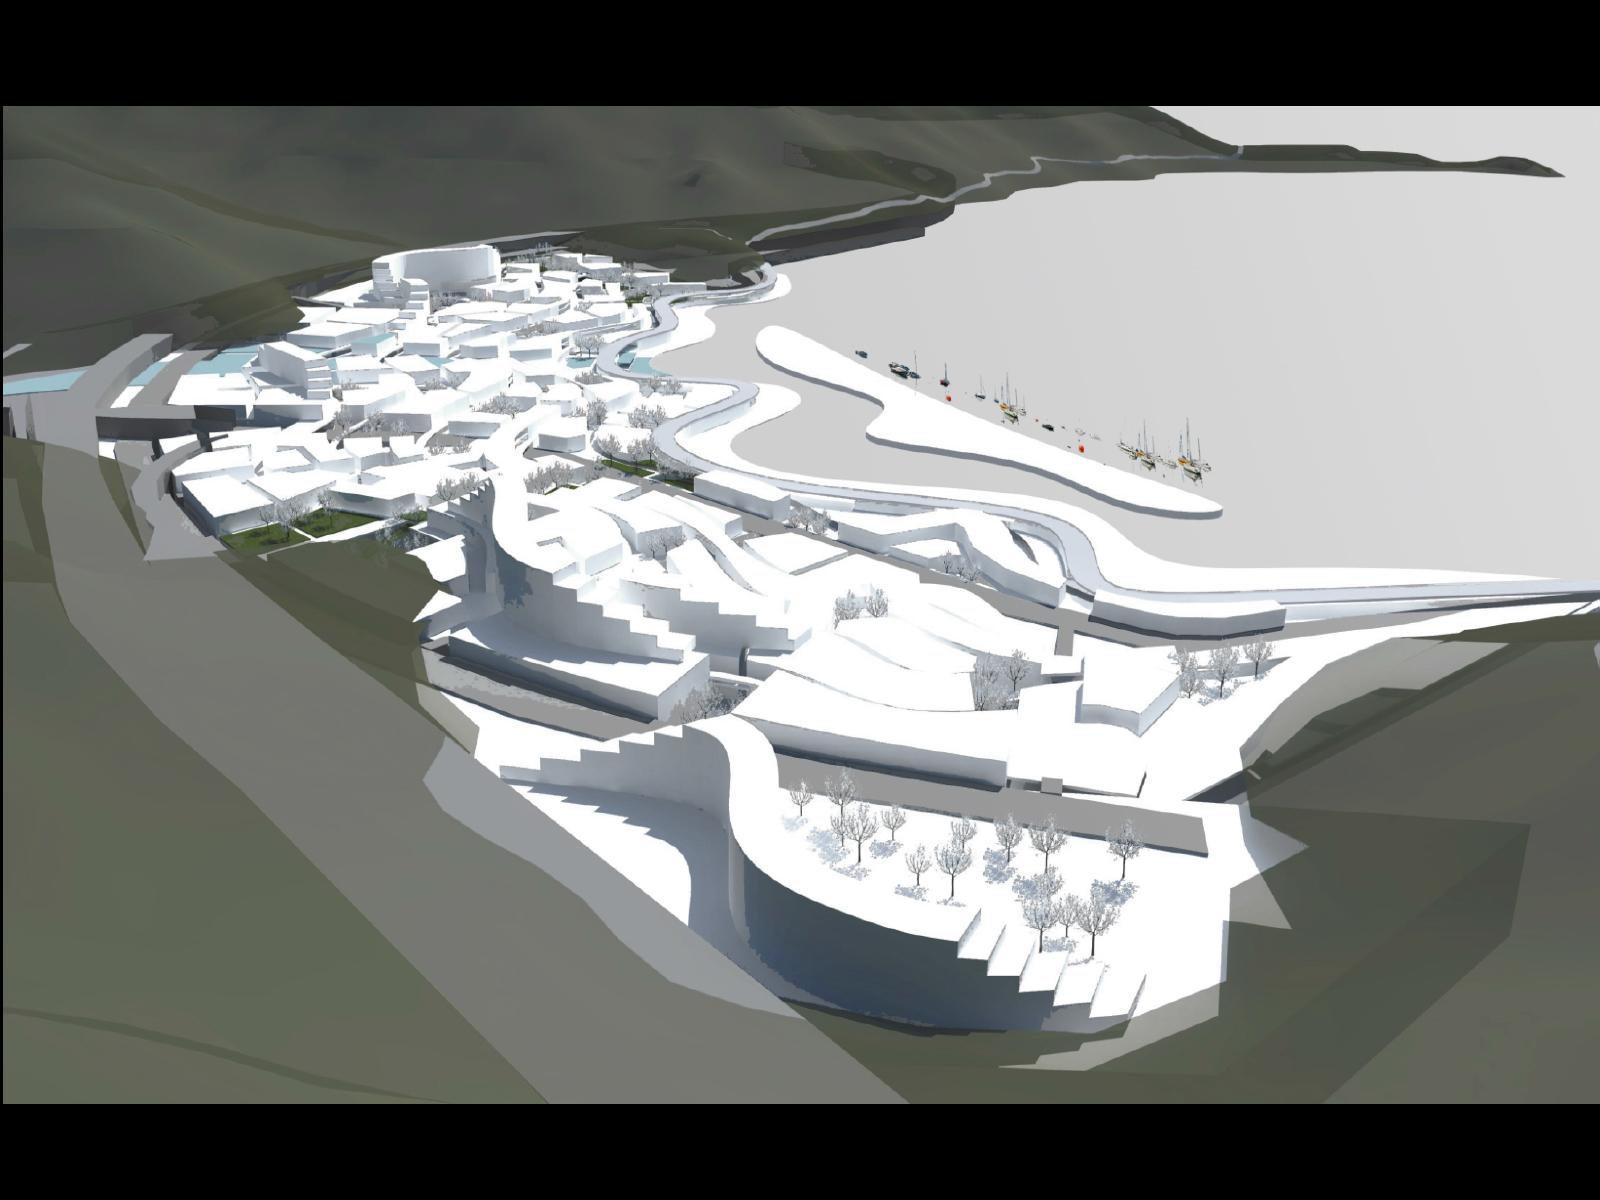 深圳小梅沙概念规划及城市设计_Shenzhen Xiaomeisha urban Design_Right_02.jpg